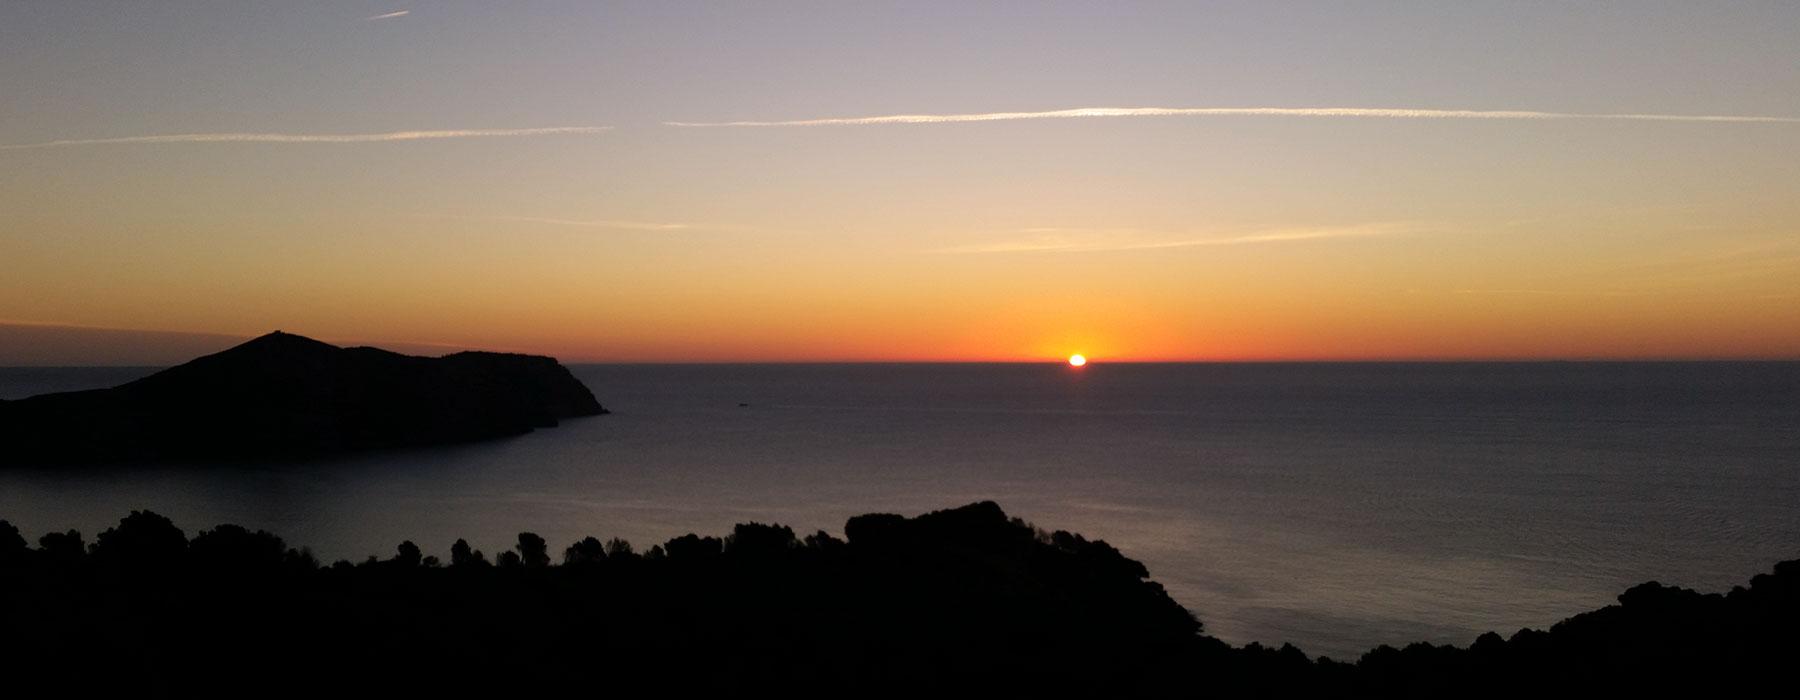 cala-montjoi-sunset-sunrise-banner-home